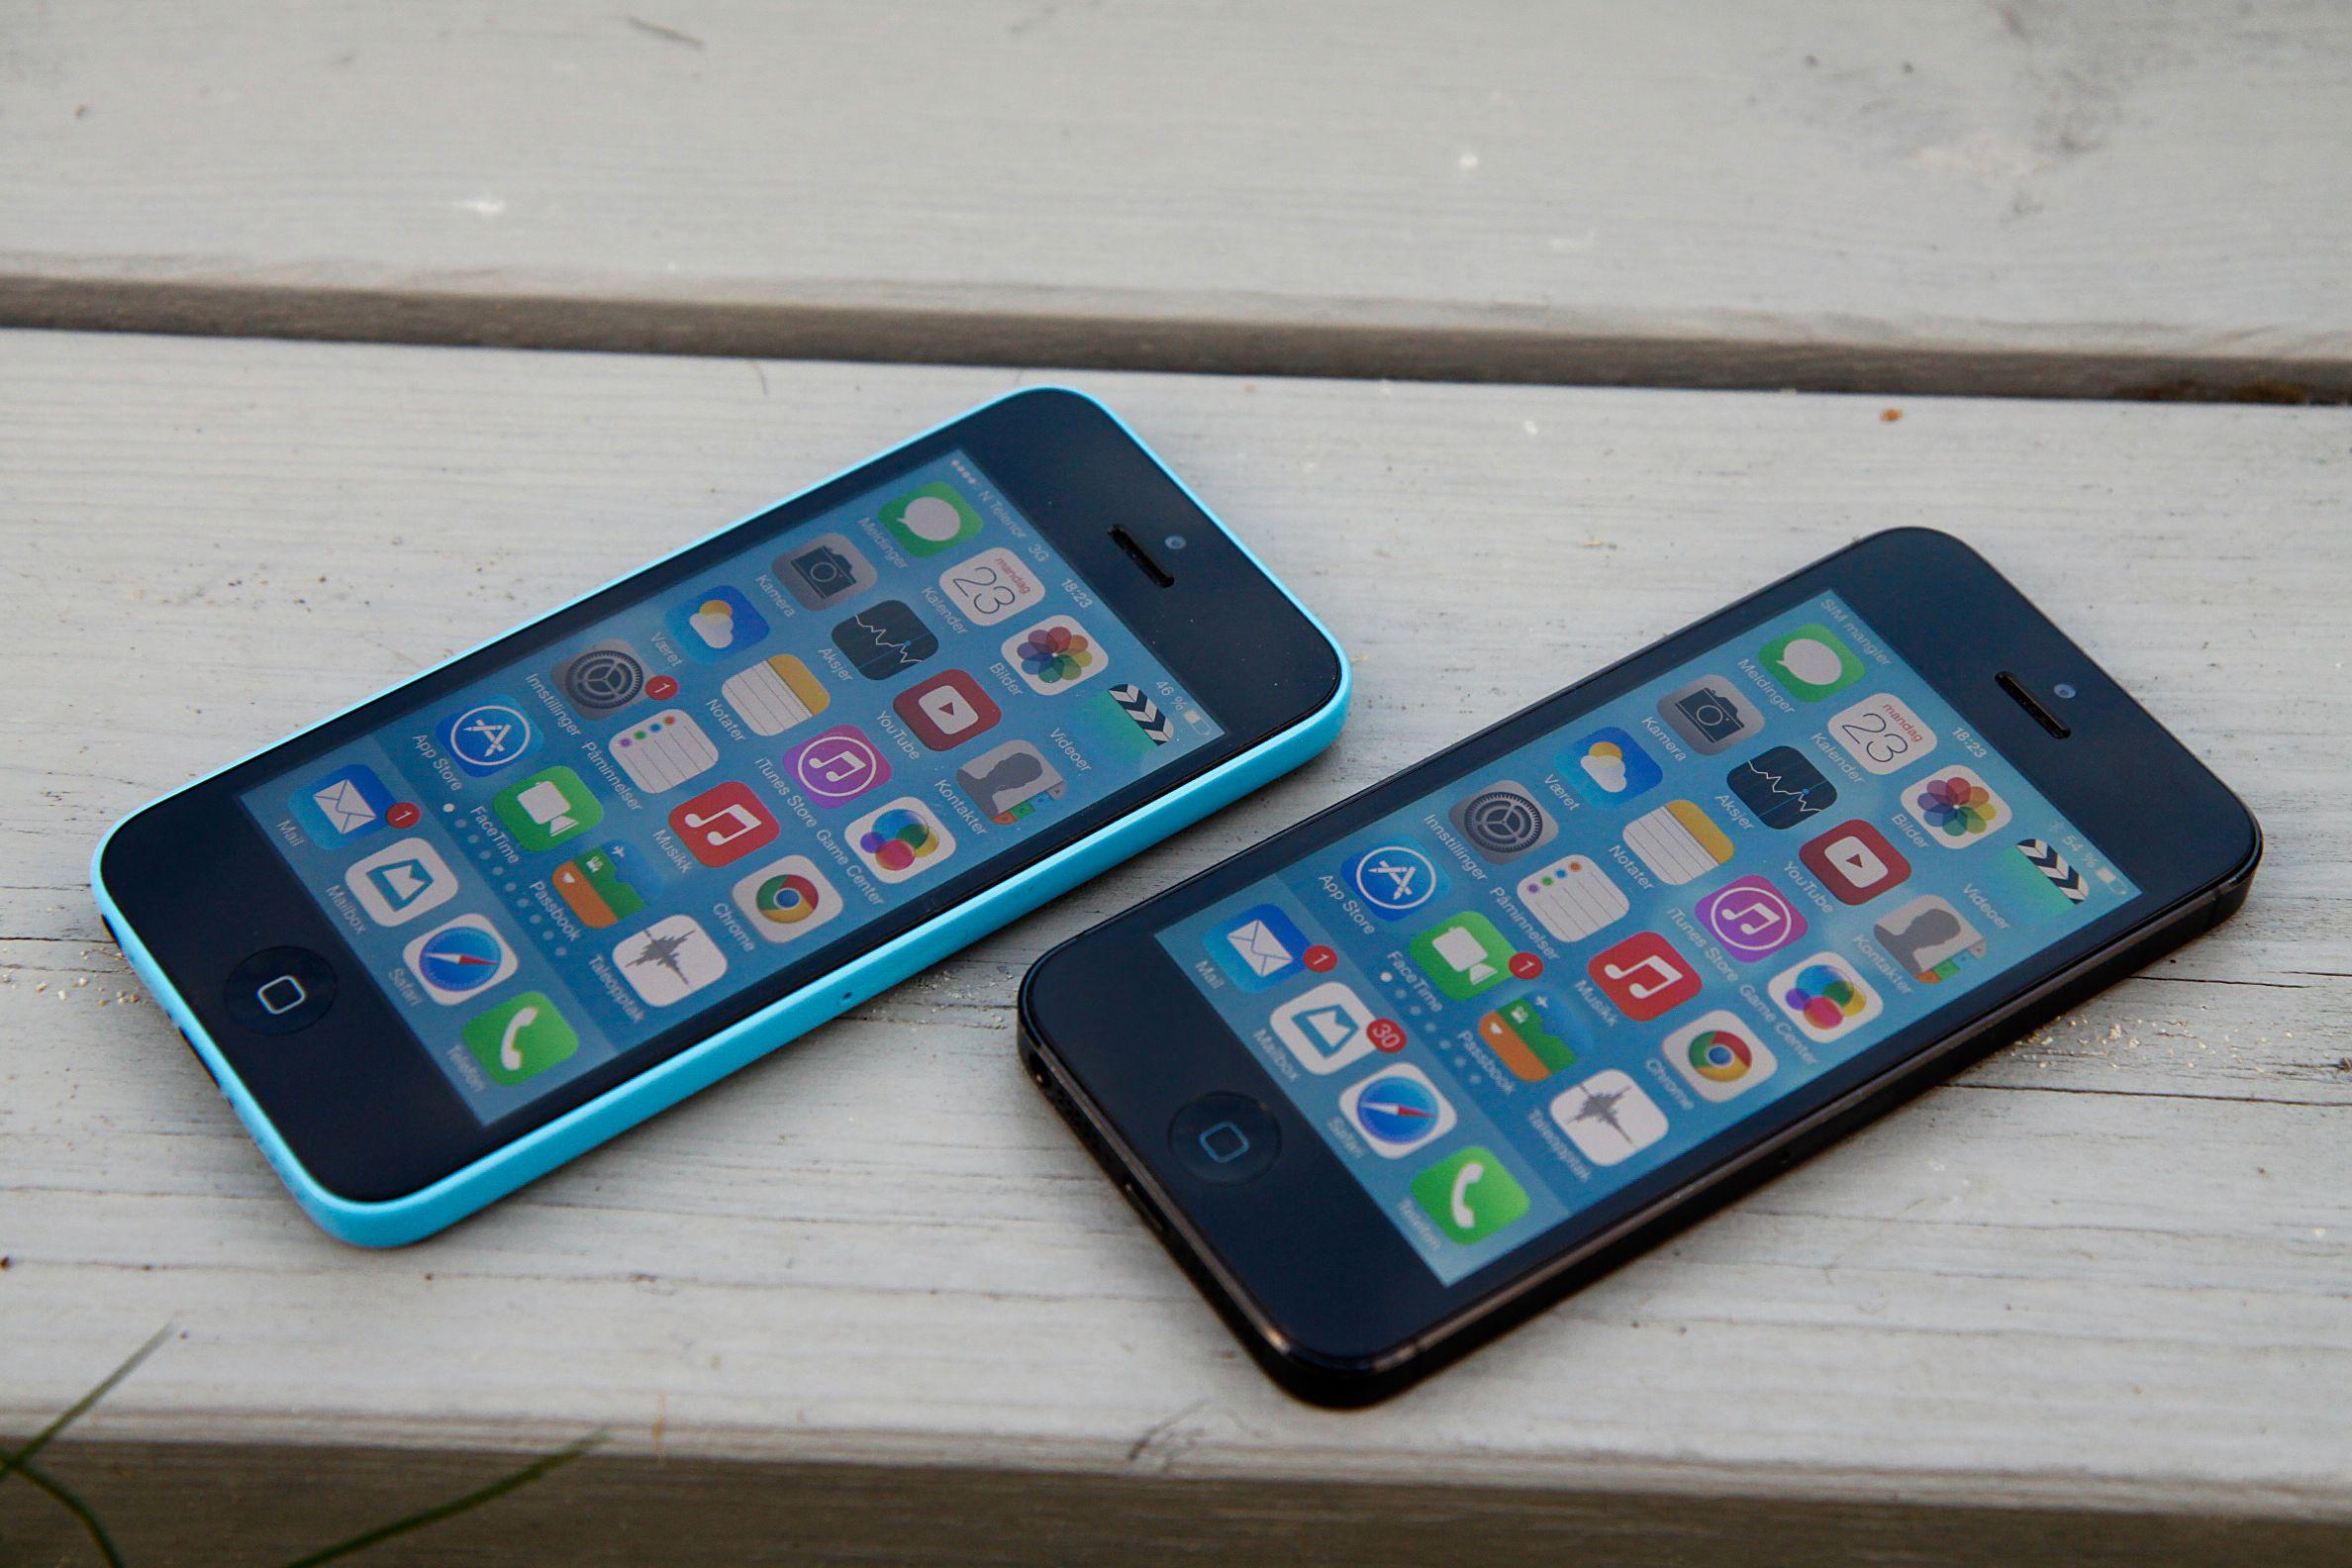 iPhone 5C (til venstre) og iPhone 5. Foto: Kurt Lekanger, Amobil.no